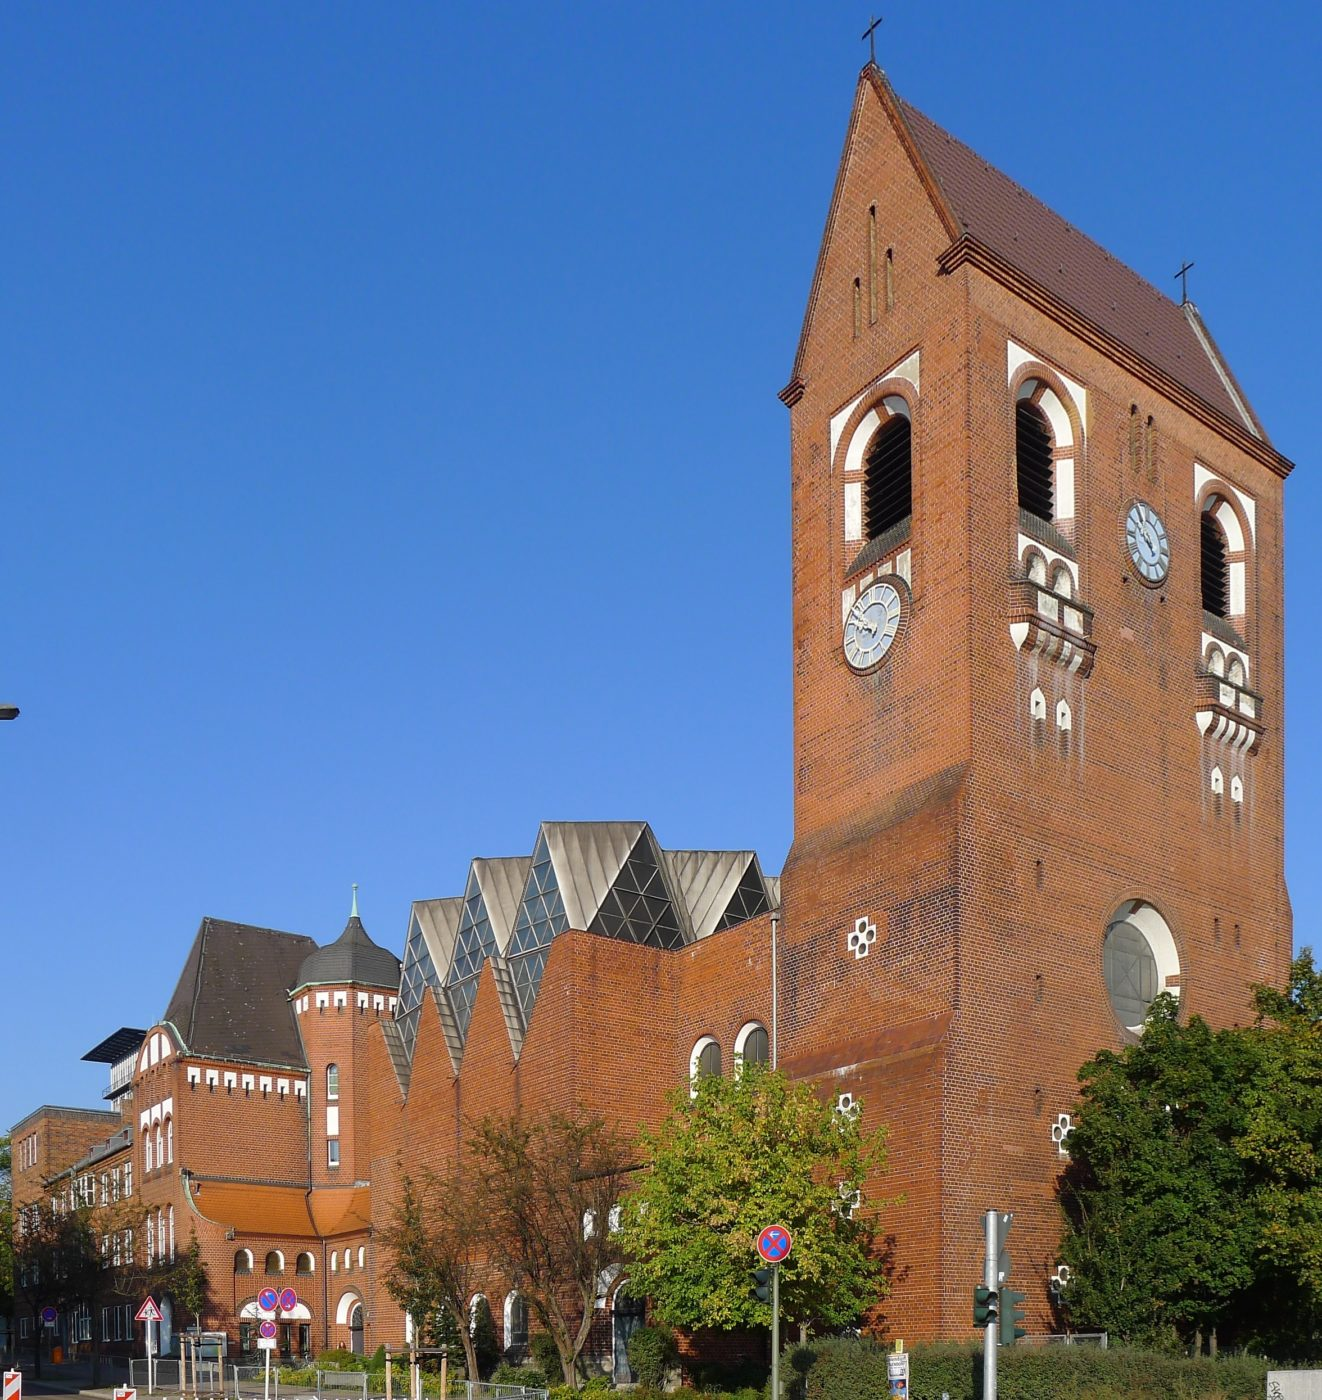 Epiphanien-Kirche Berlin (wikipedia)